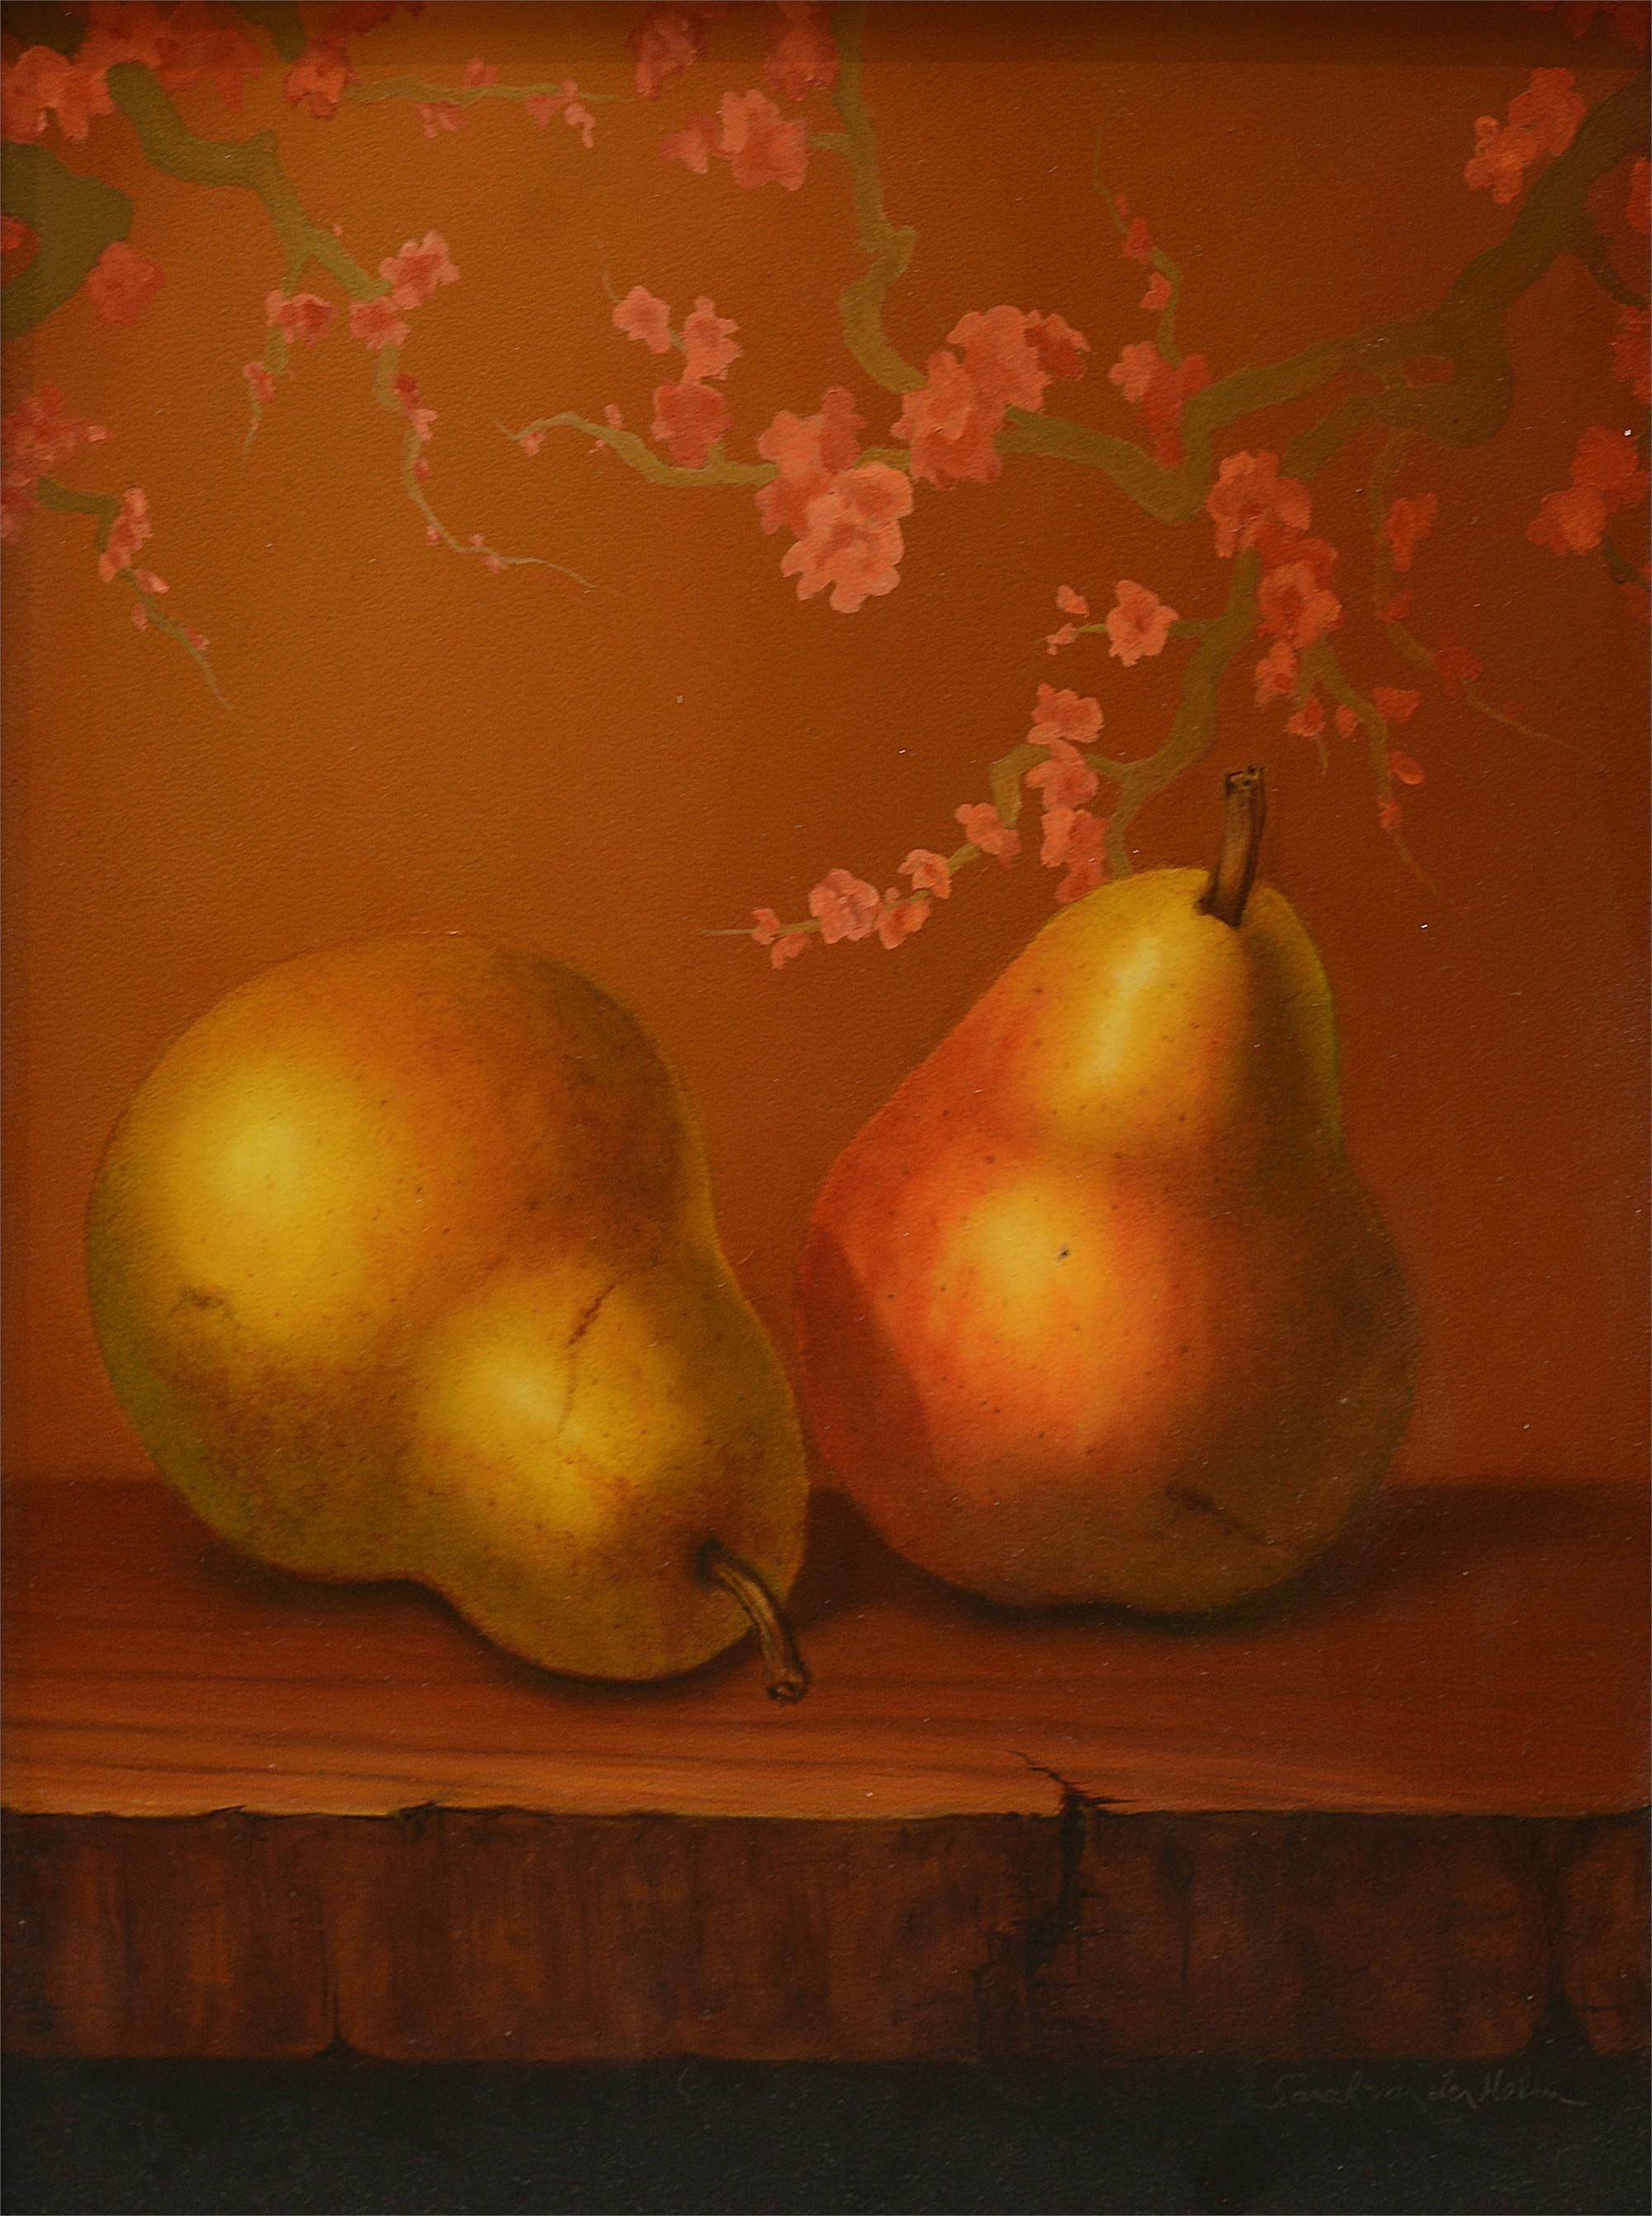 Pears #2 by Sarah van der Helm